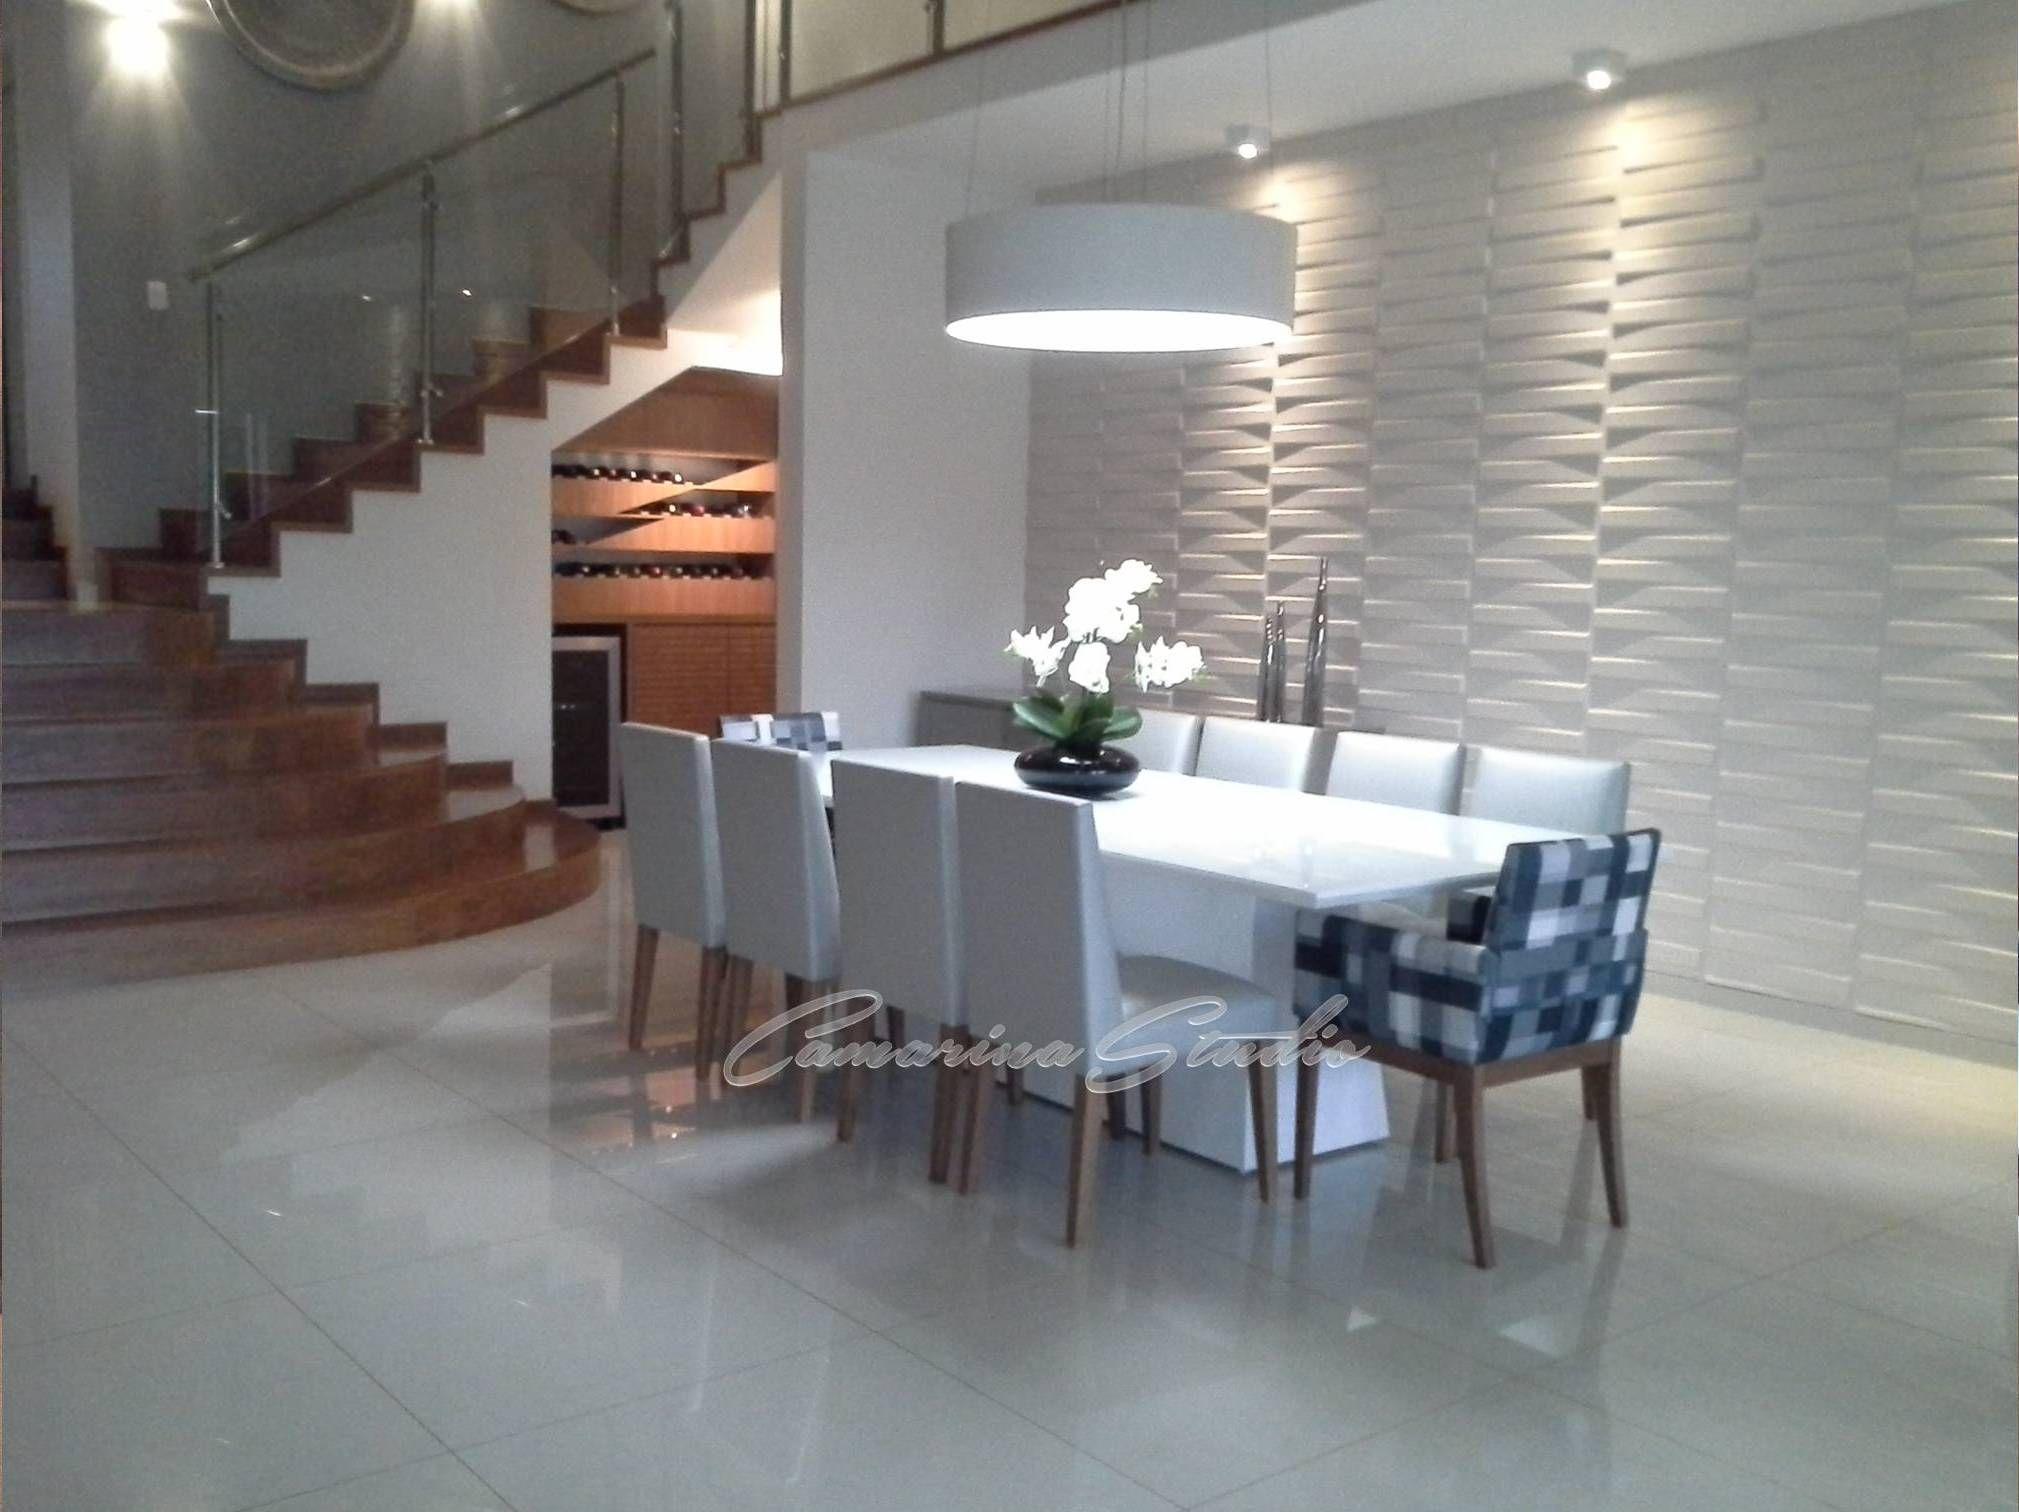 Sala em tons de cinza com revestimento 3d p direito for Revestimento 3d sala de estar